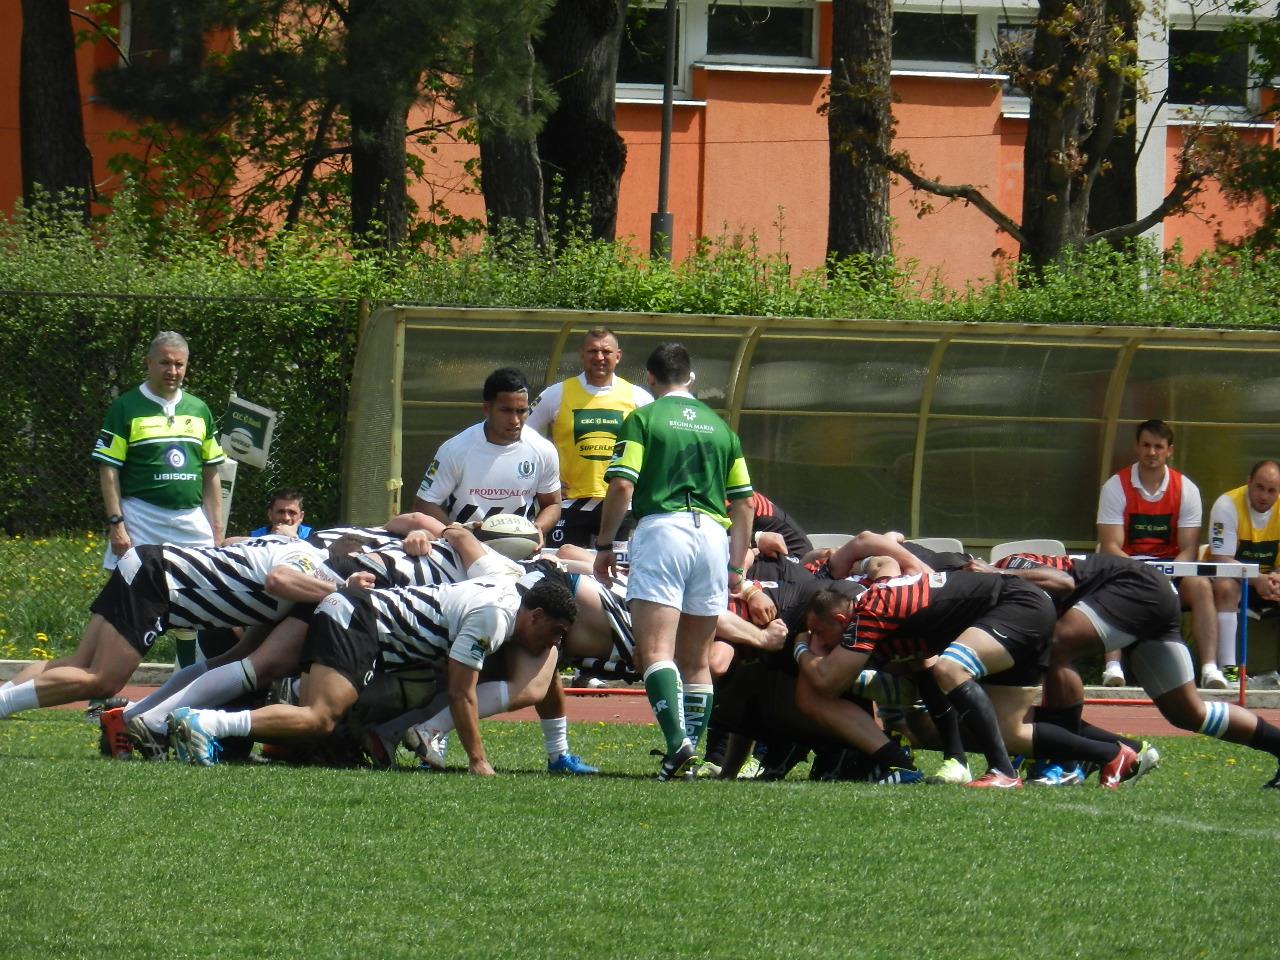 Rugbyiștii clujeni joacă astăzi cu Baia Mare în Cupa Regelui